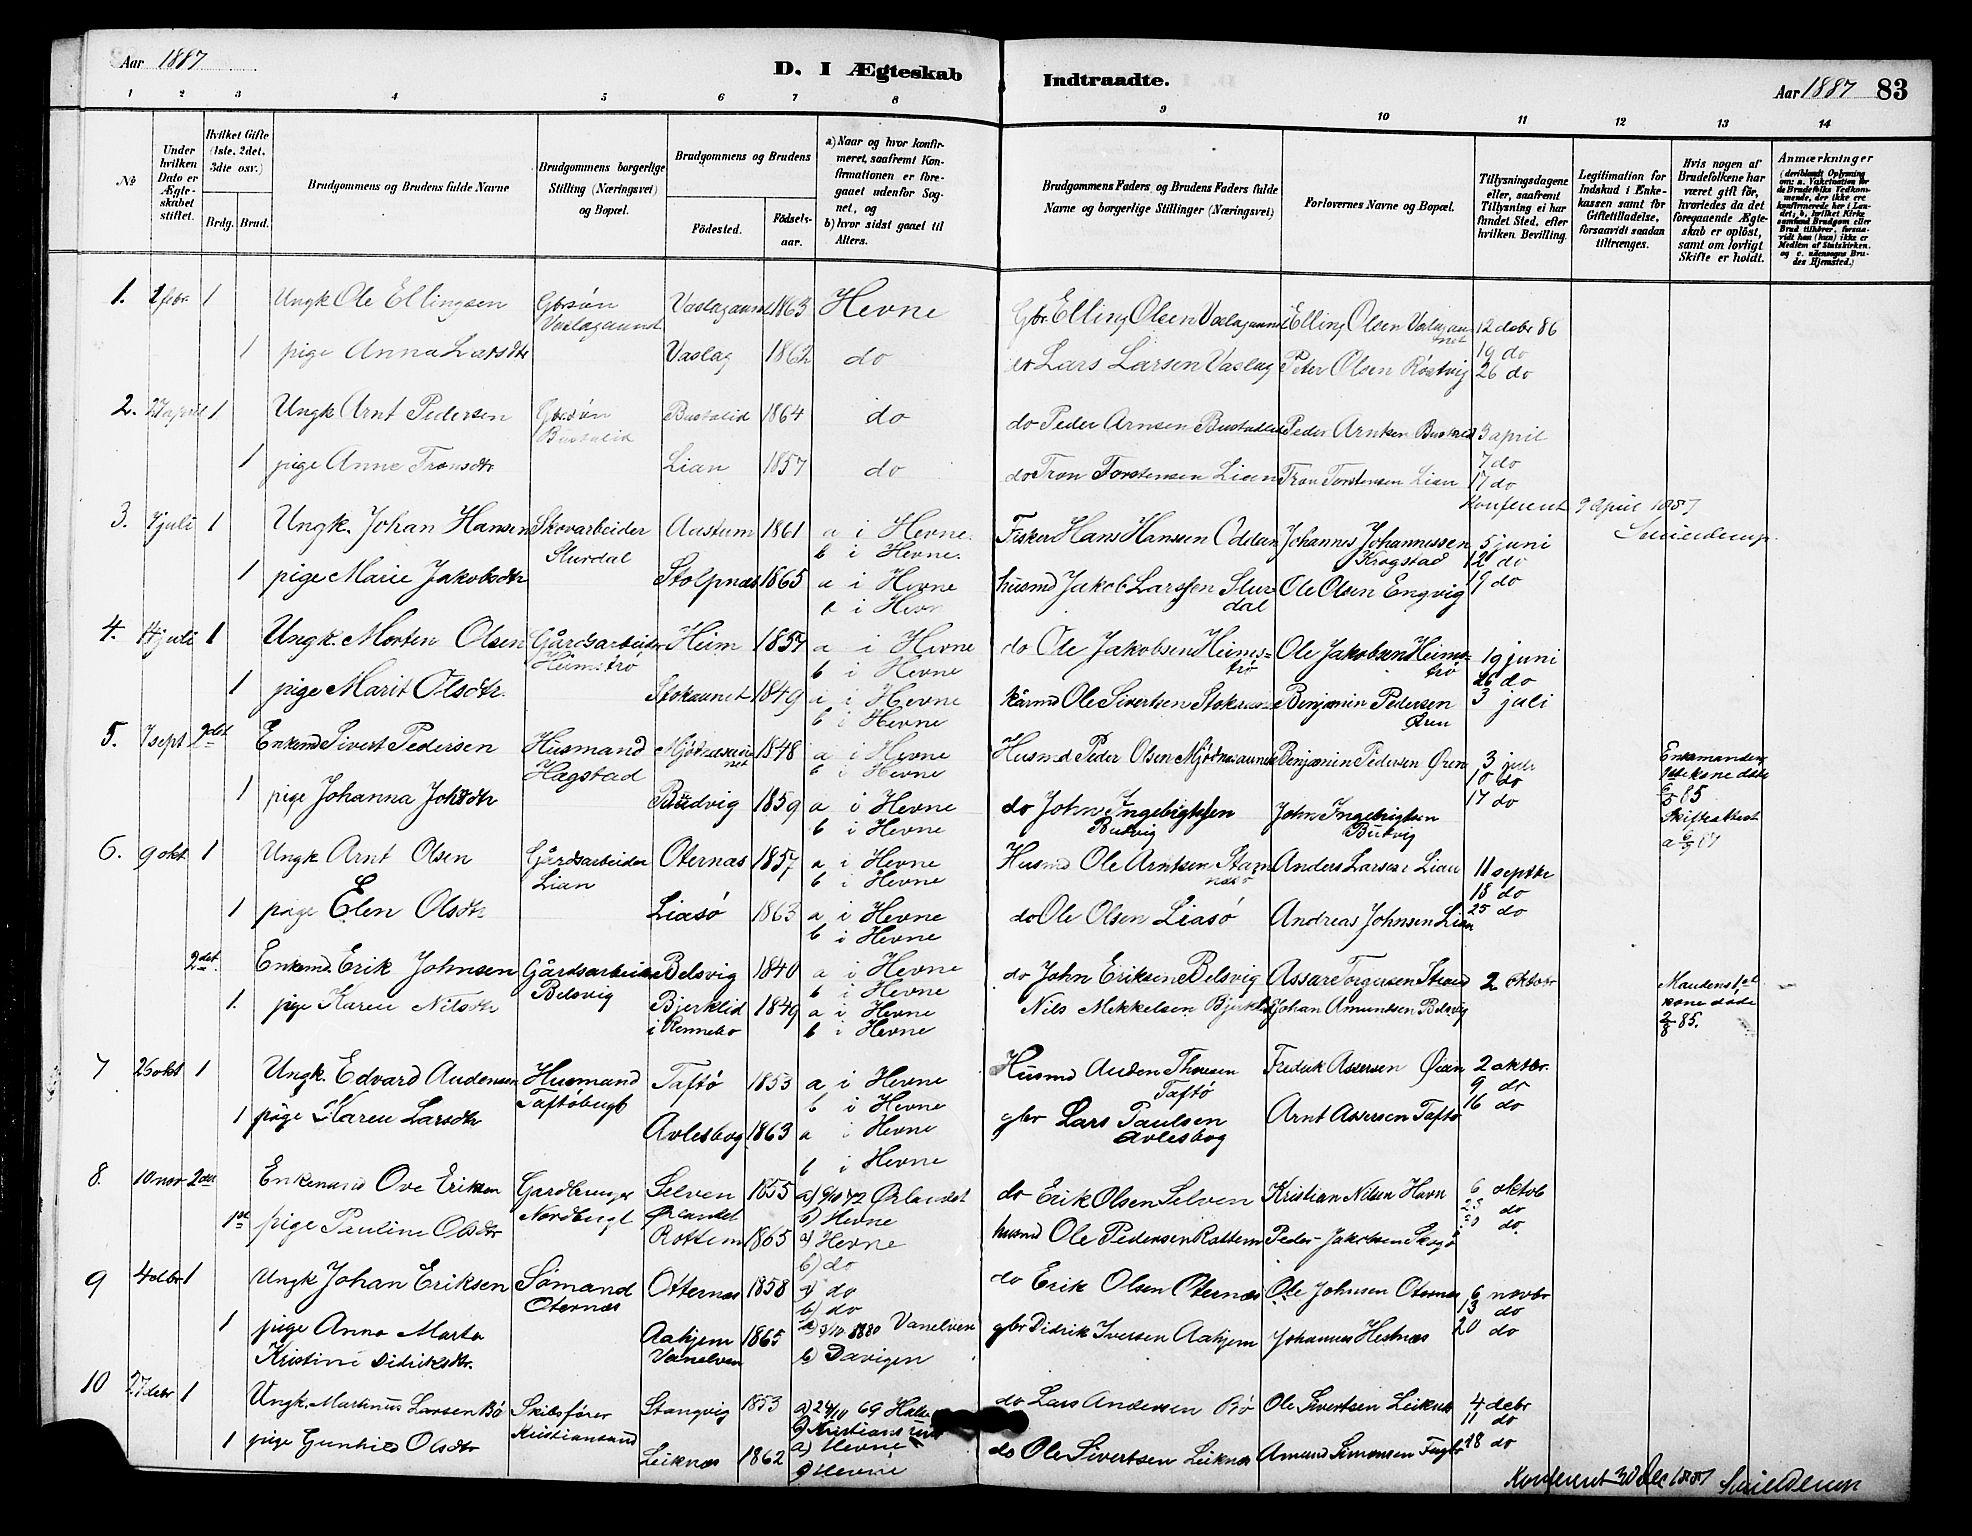 SAT, Ministerialprotokoller, klokkerbøker og fødselsregistre - Sør-Trøndelag, 633/L0519: Klokkerbok nr. 633C01, 1884-1905, s. 83